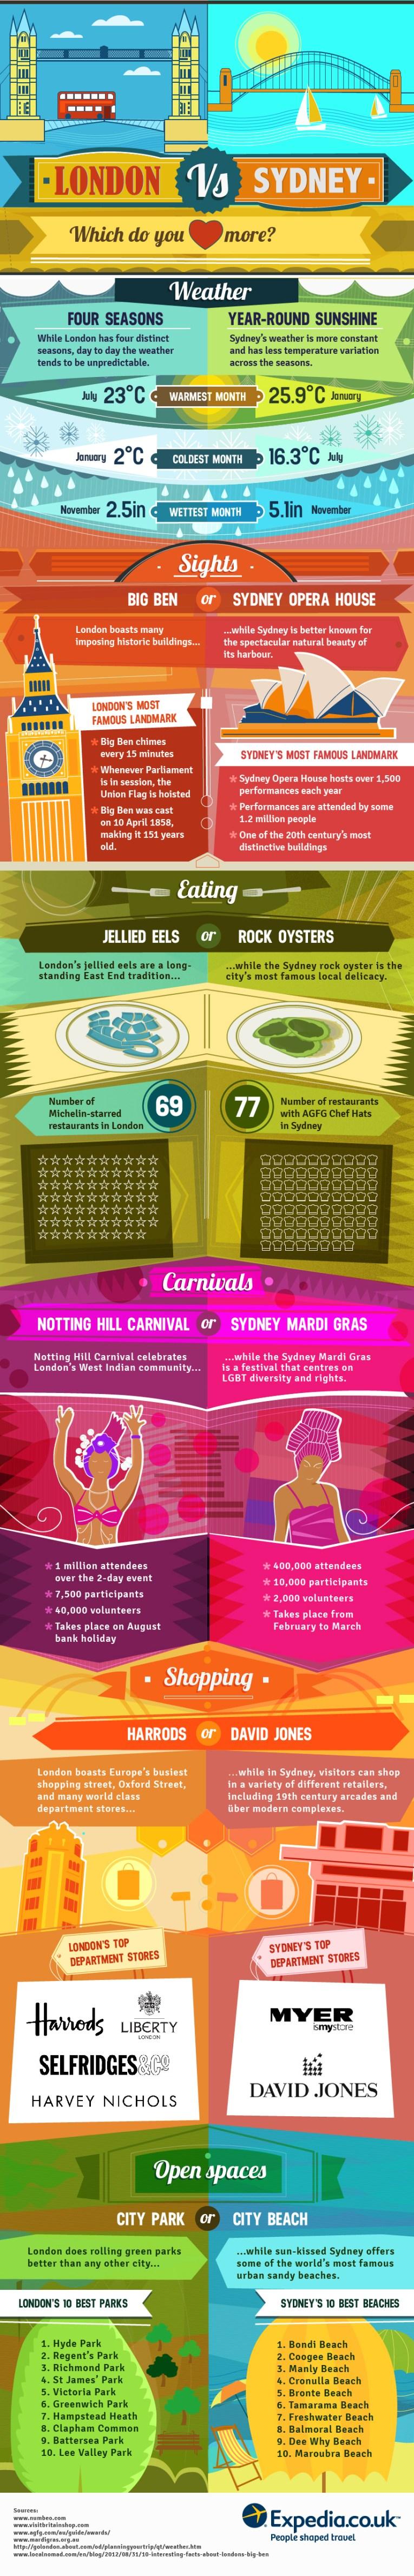 Final_london_vs_sydney_101213